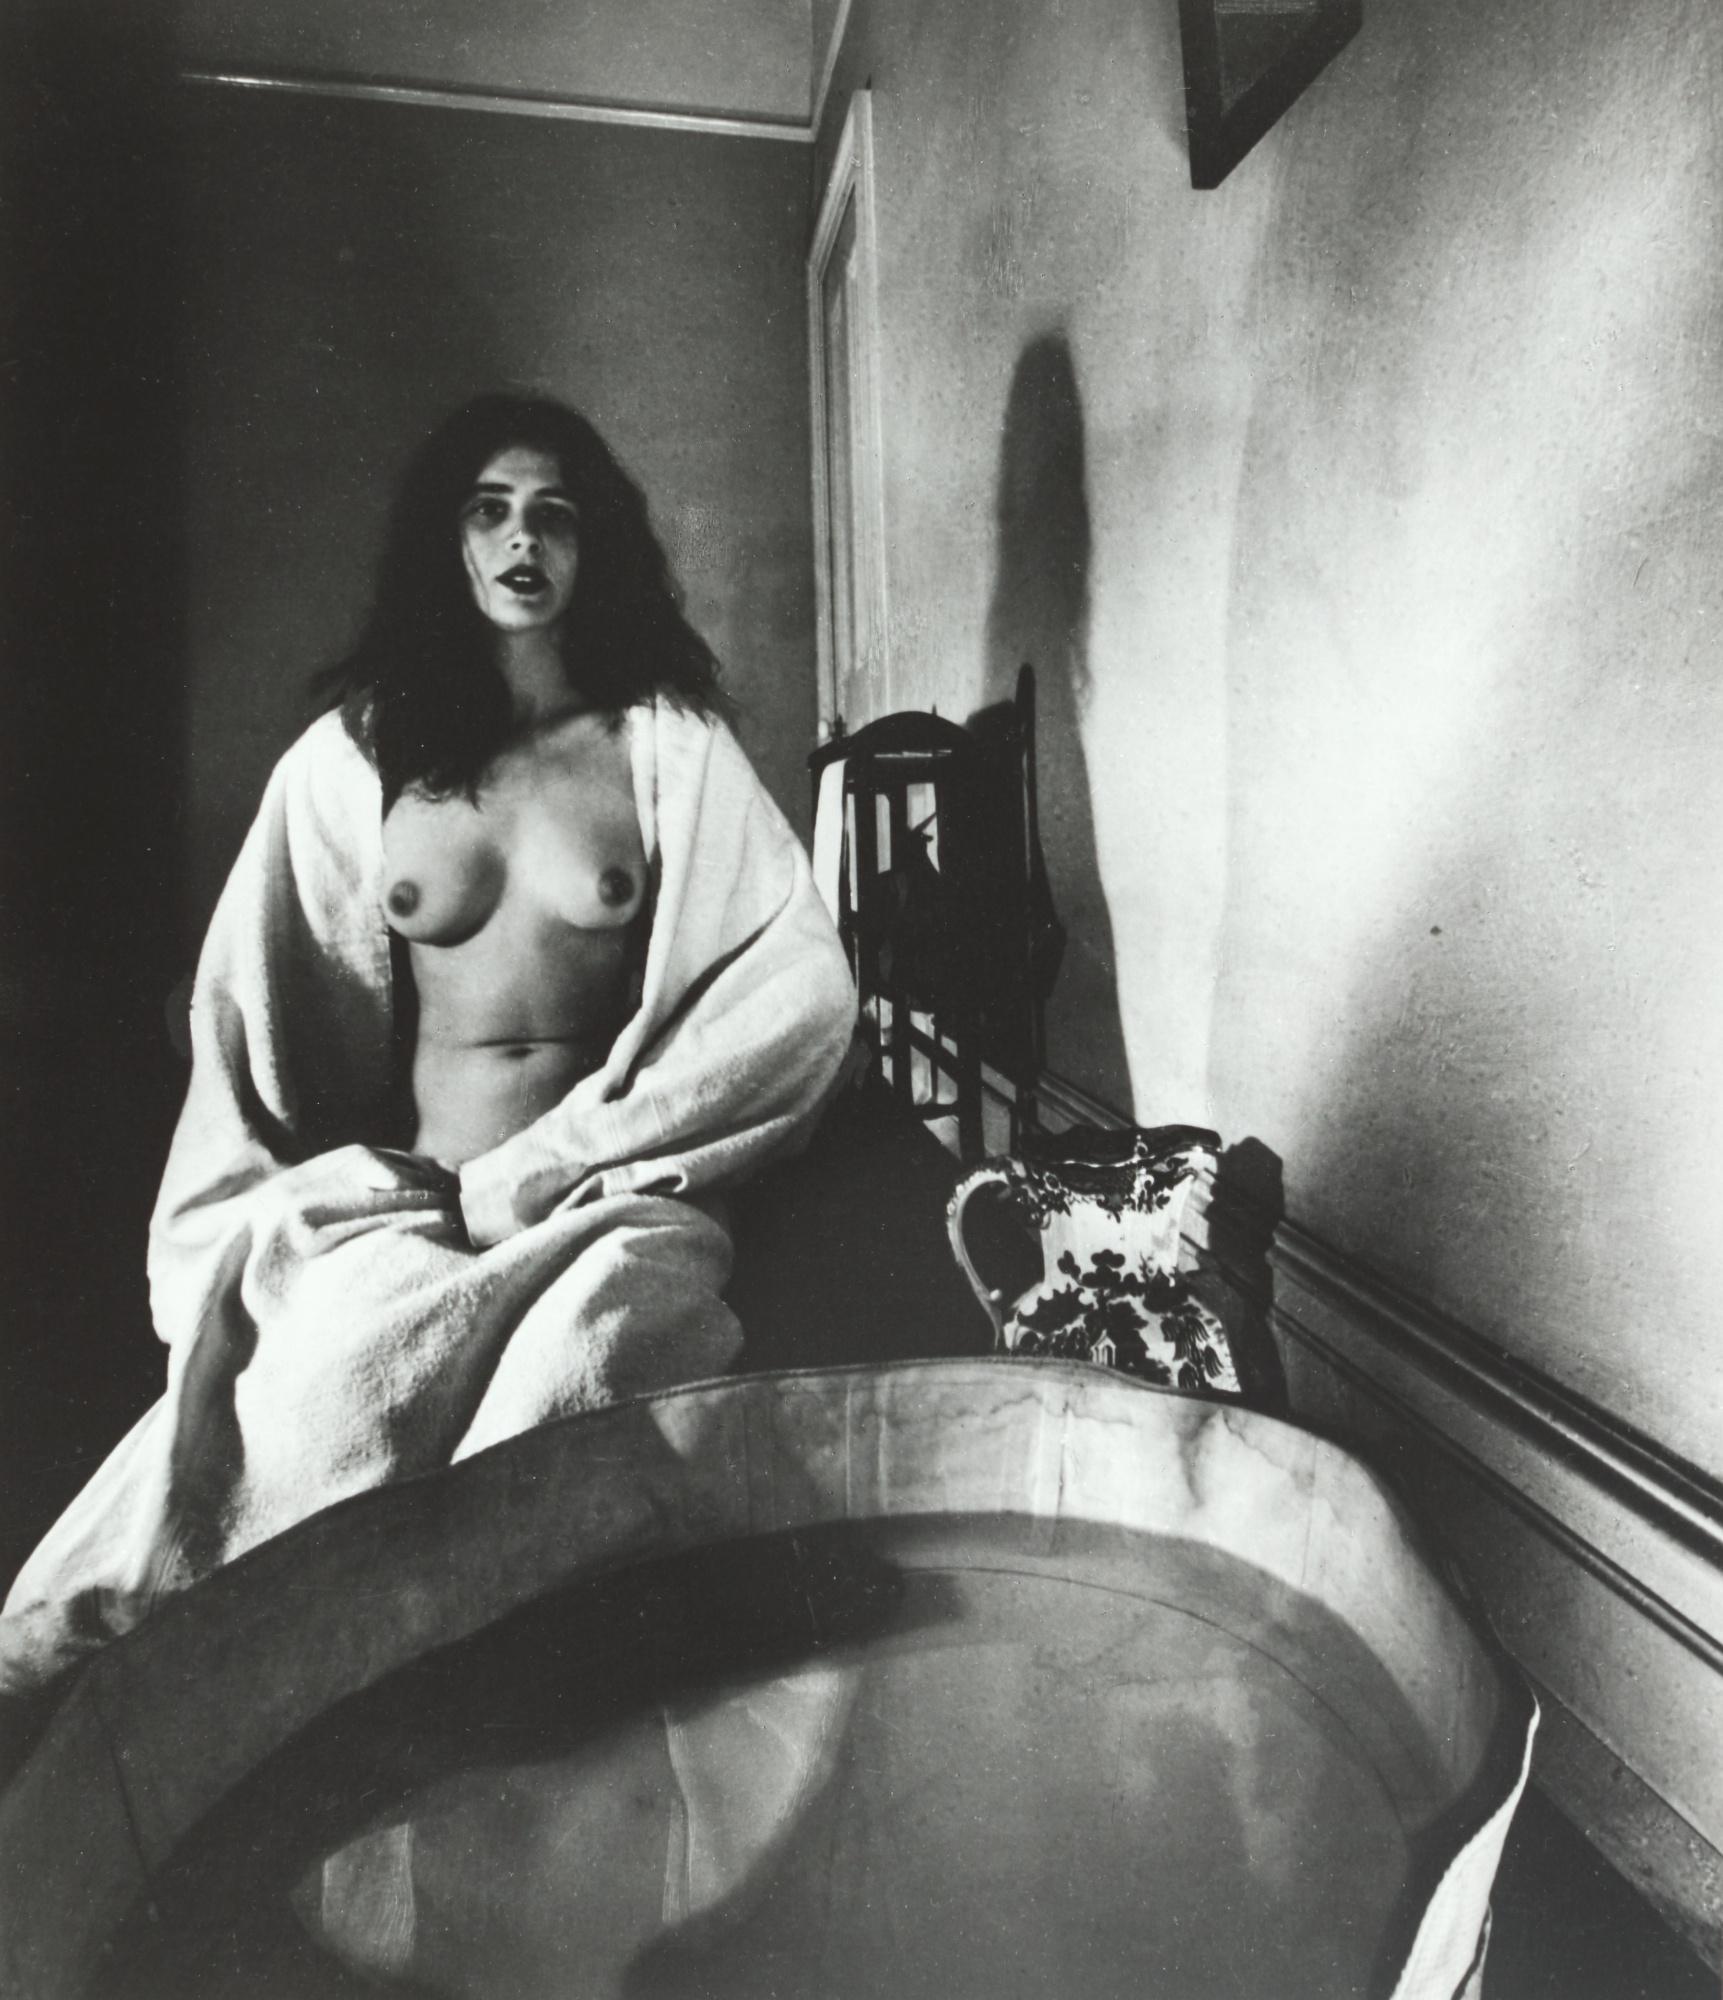 BILL BRANDT | CAMPDEN HILL, LONDON, 1948